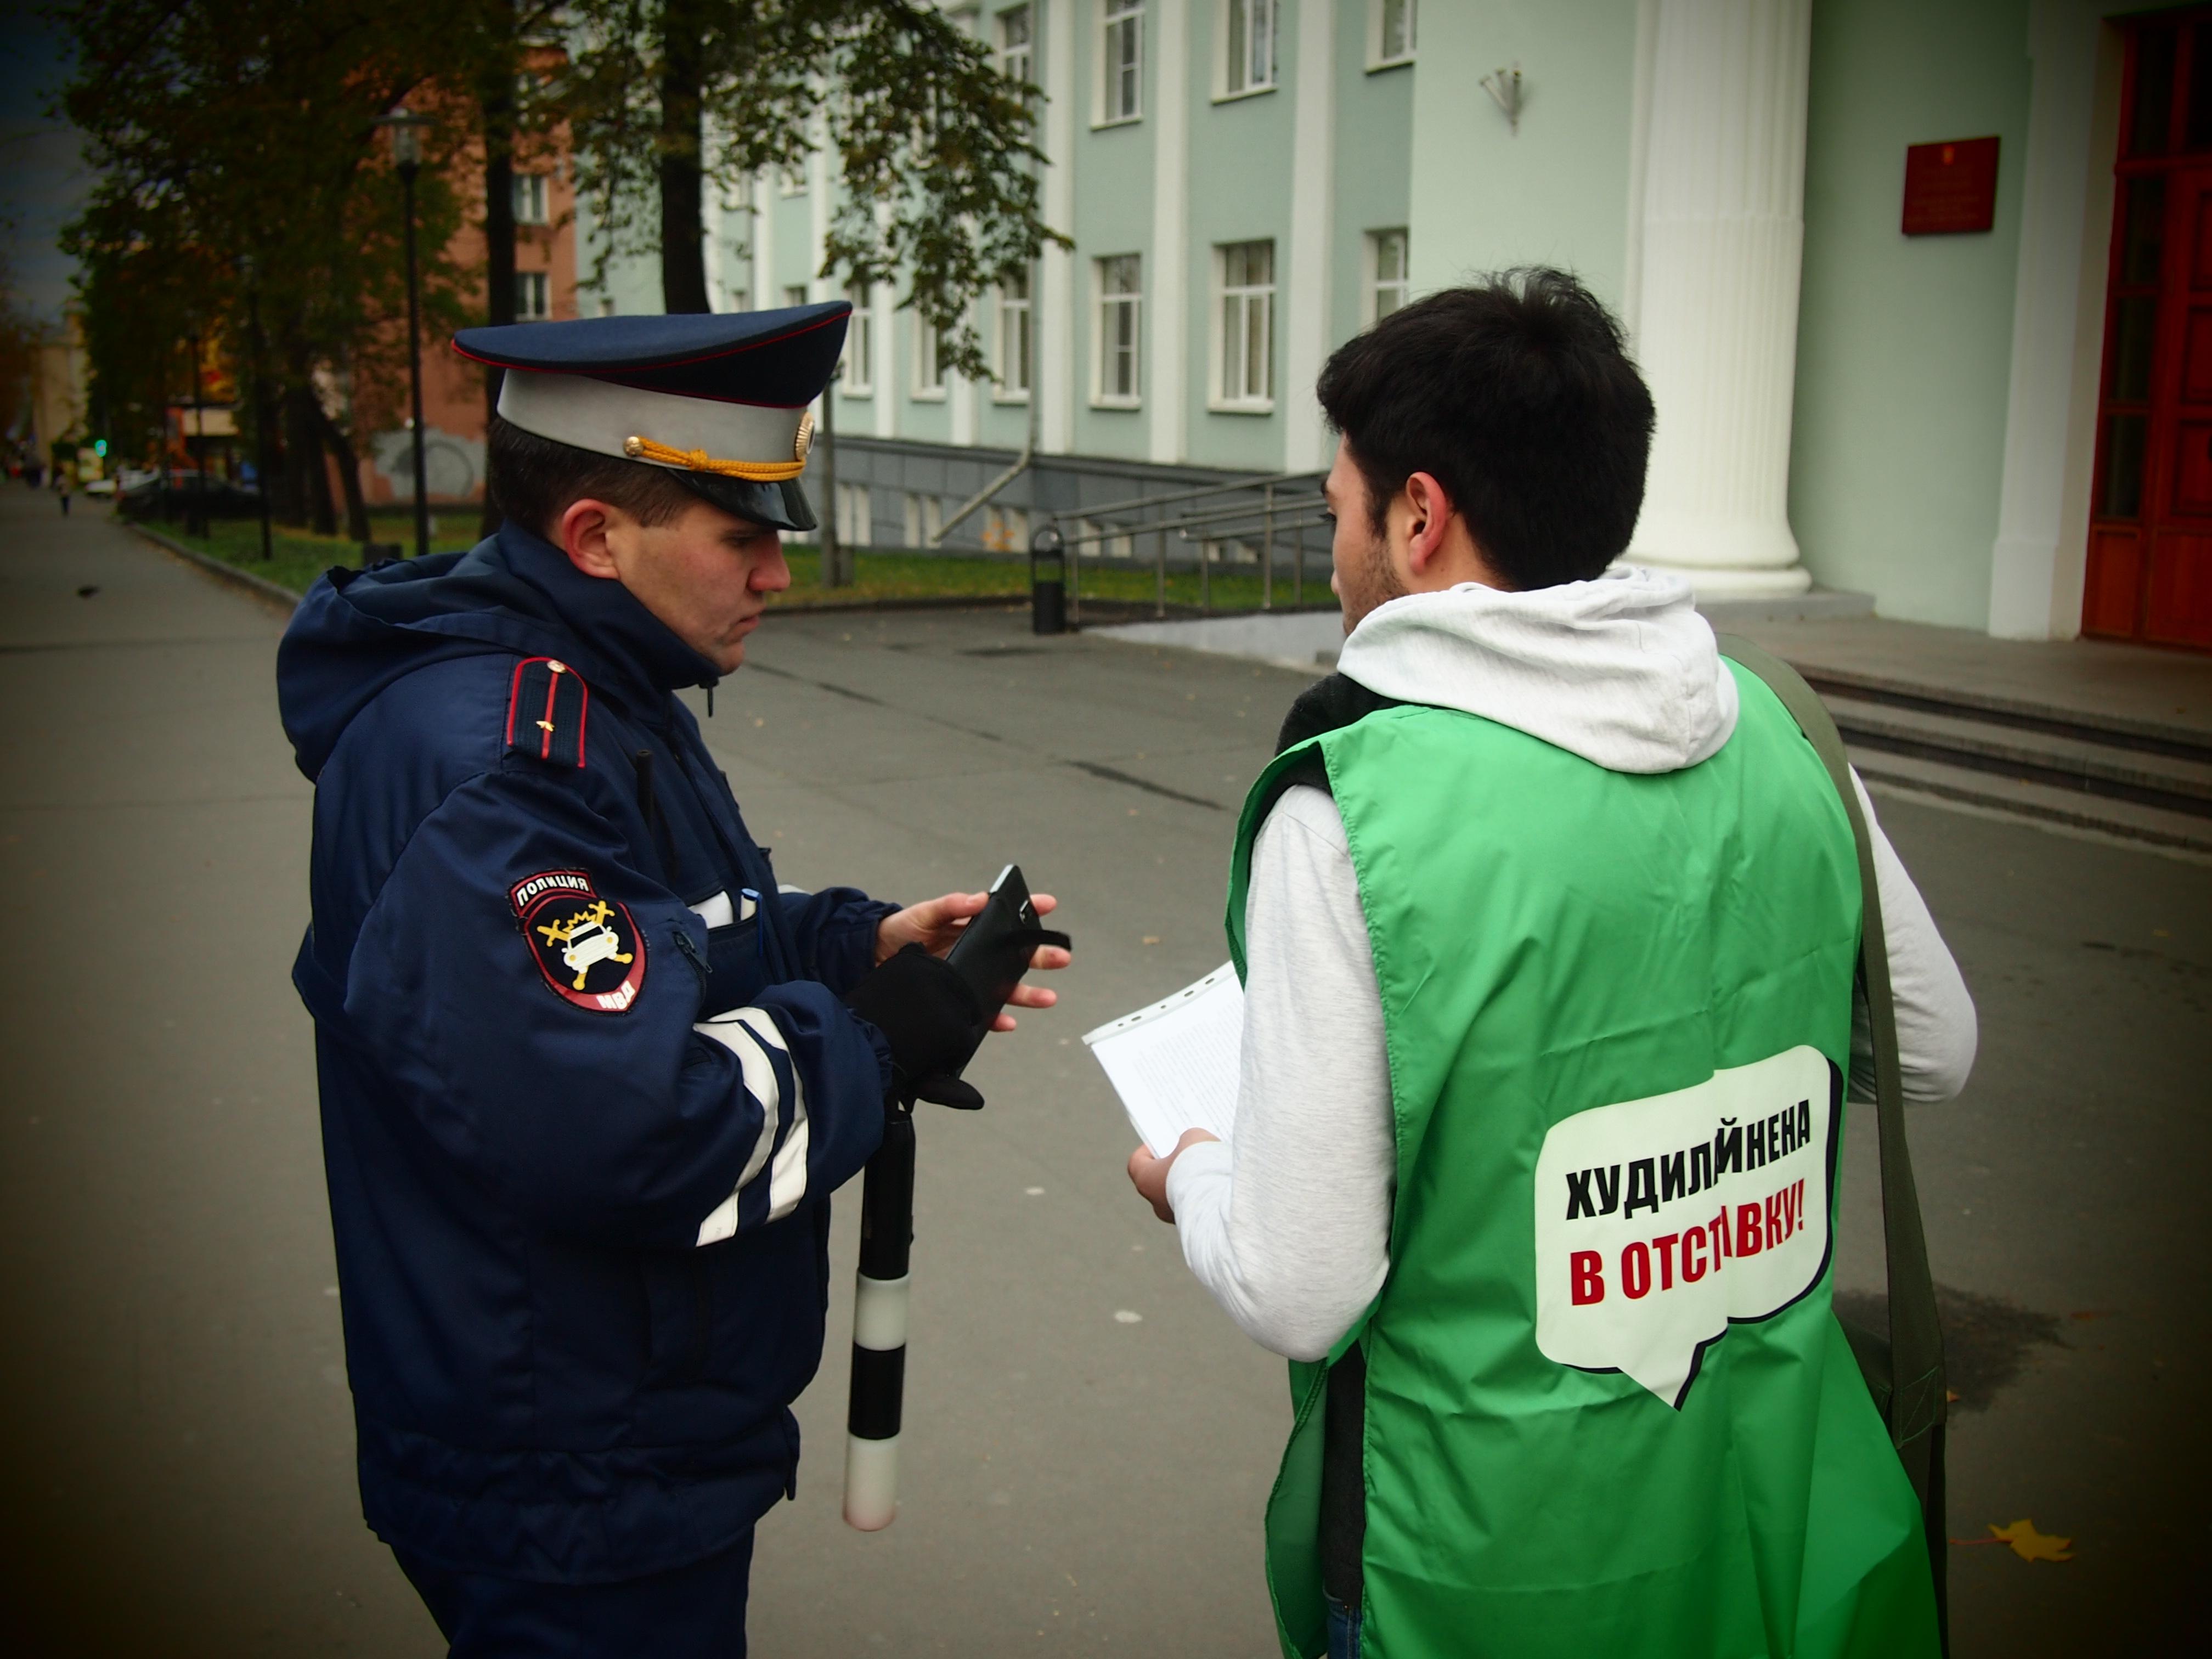 Сотрудник полиции выясняет личность сборщика подписей. Фото: Валерий Поташов